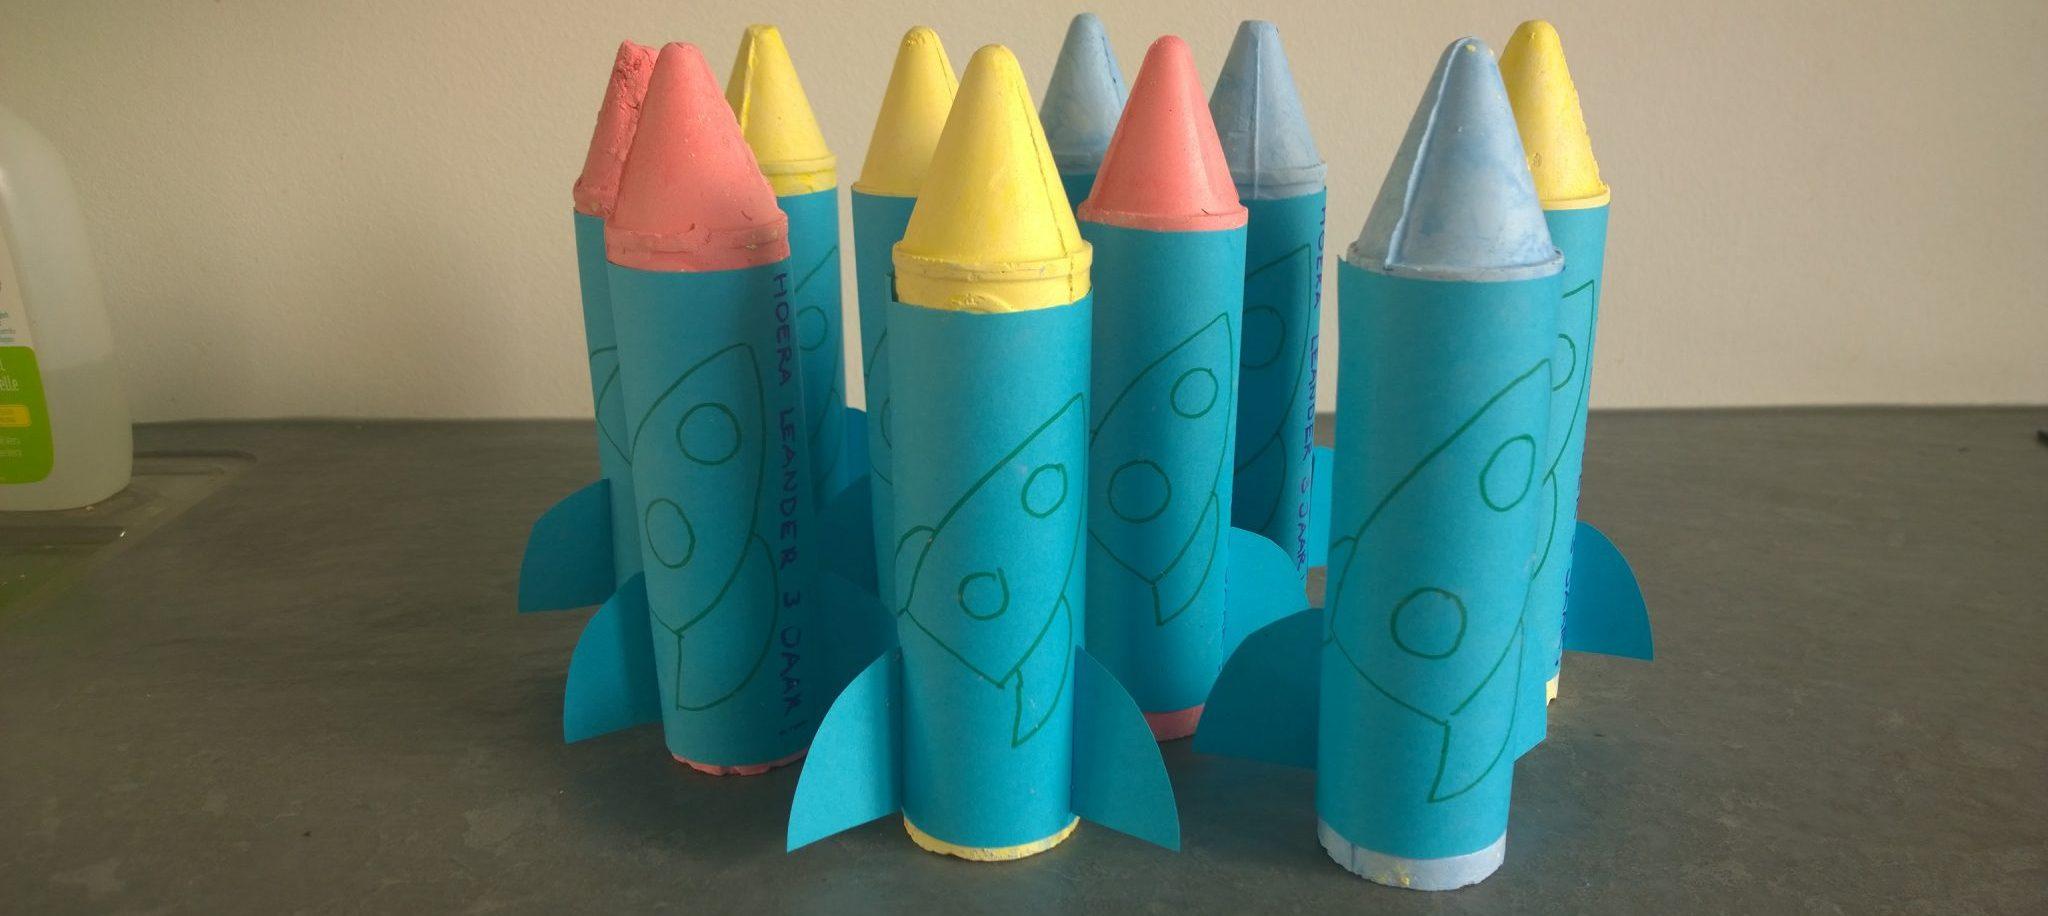 stoepkrijt traktatie raket